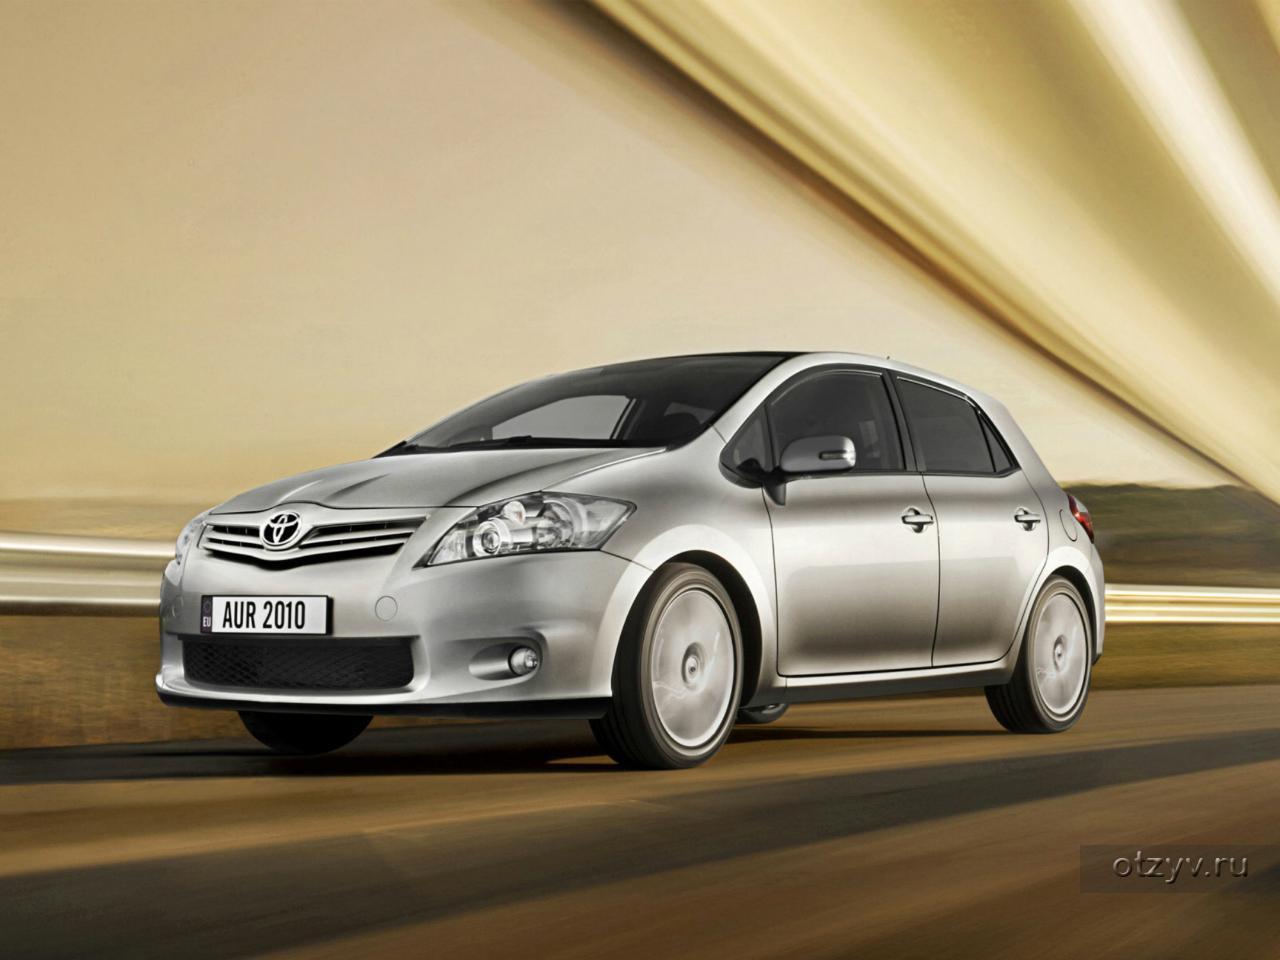 Toyota Аурис 1 4 бензин #11